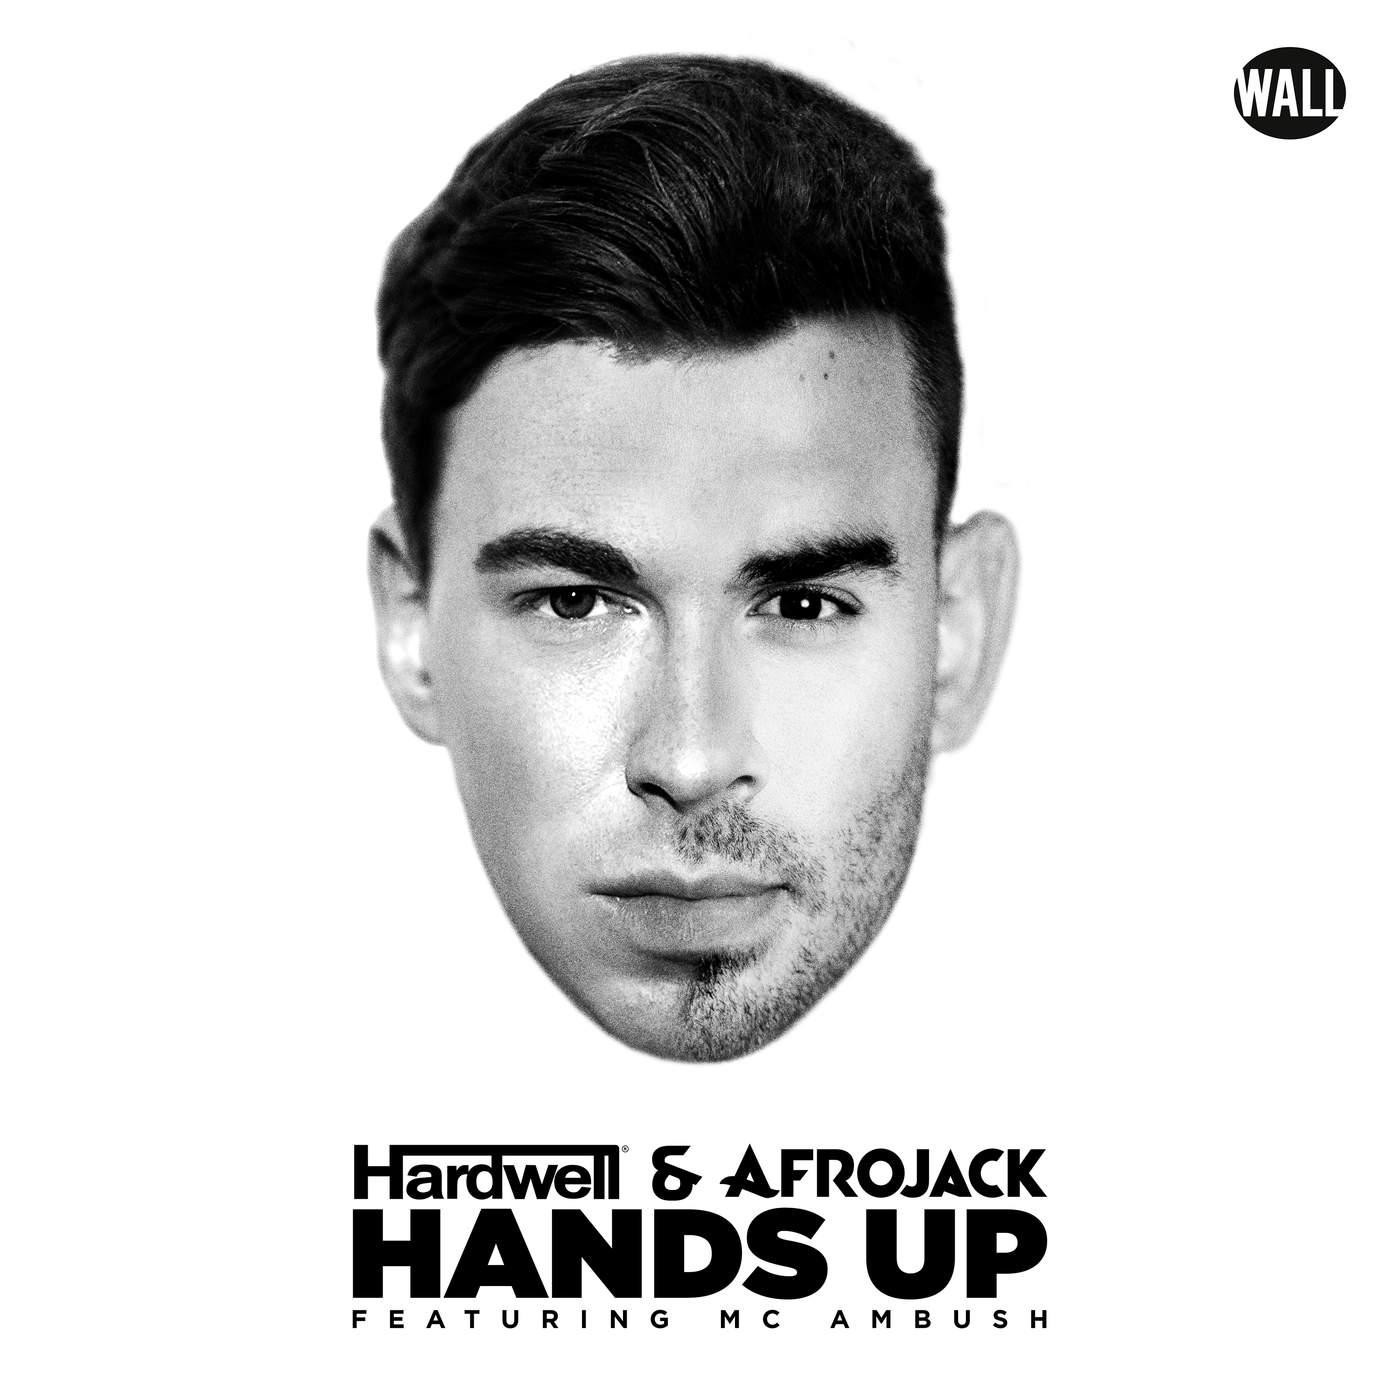 Hardwell & Afrojack - Hands Up (feat. MC Ambush) - Single